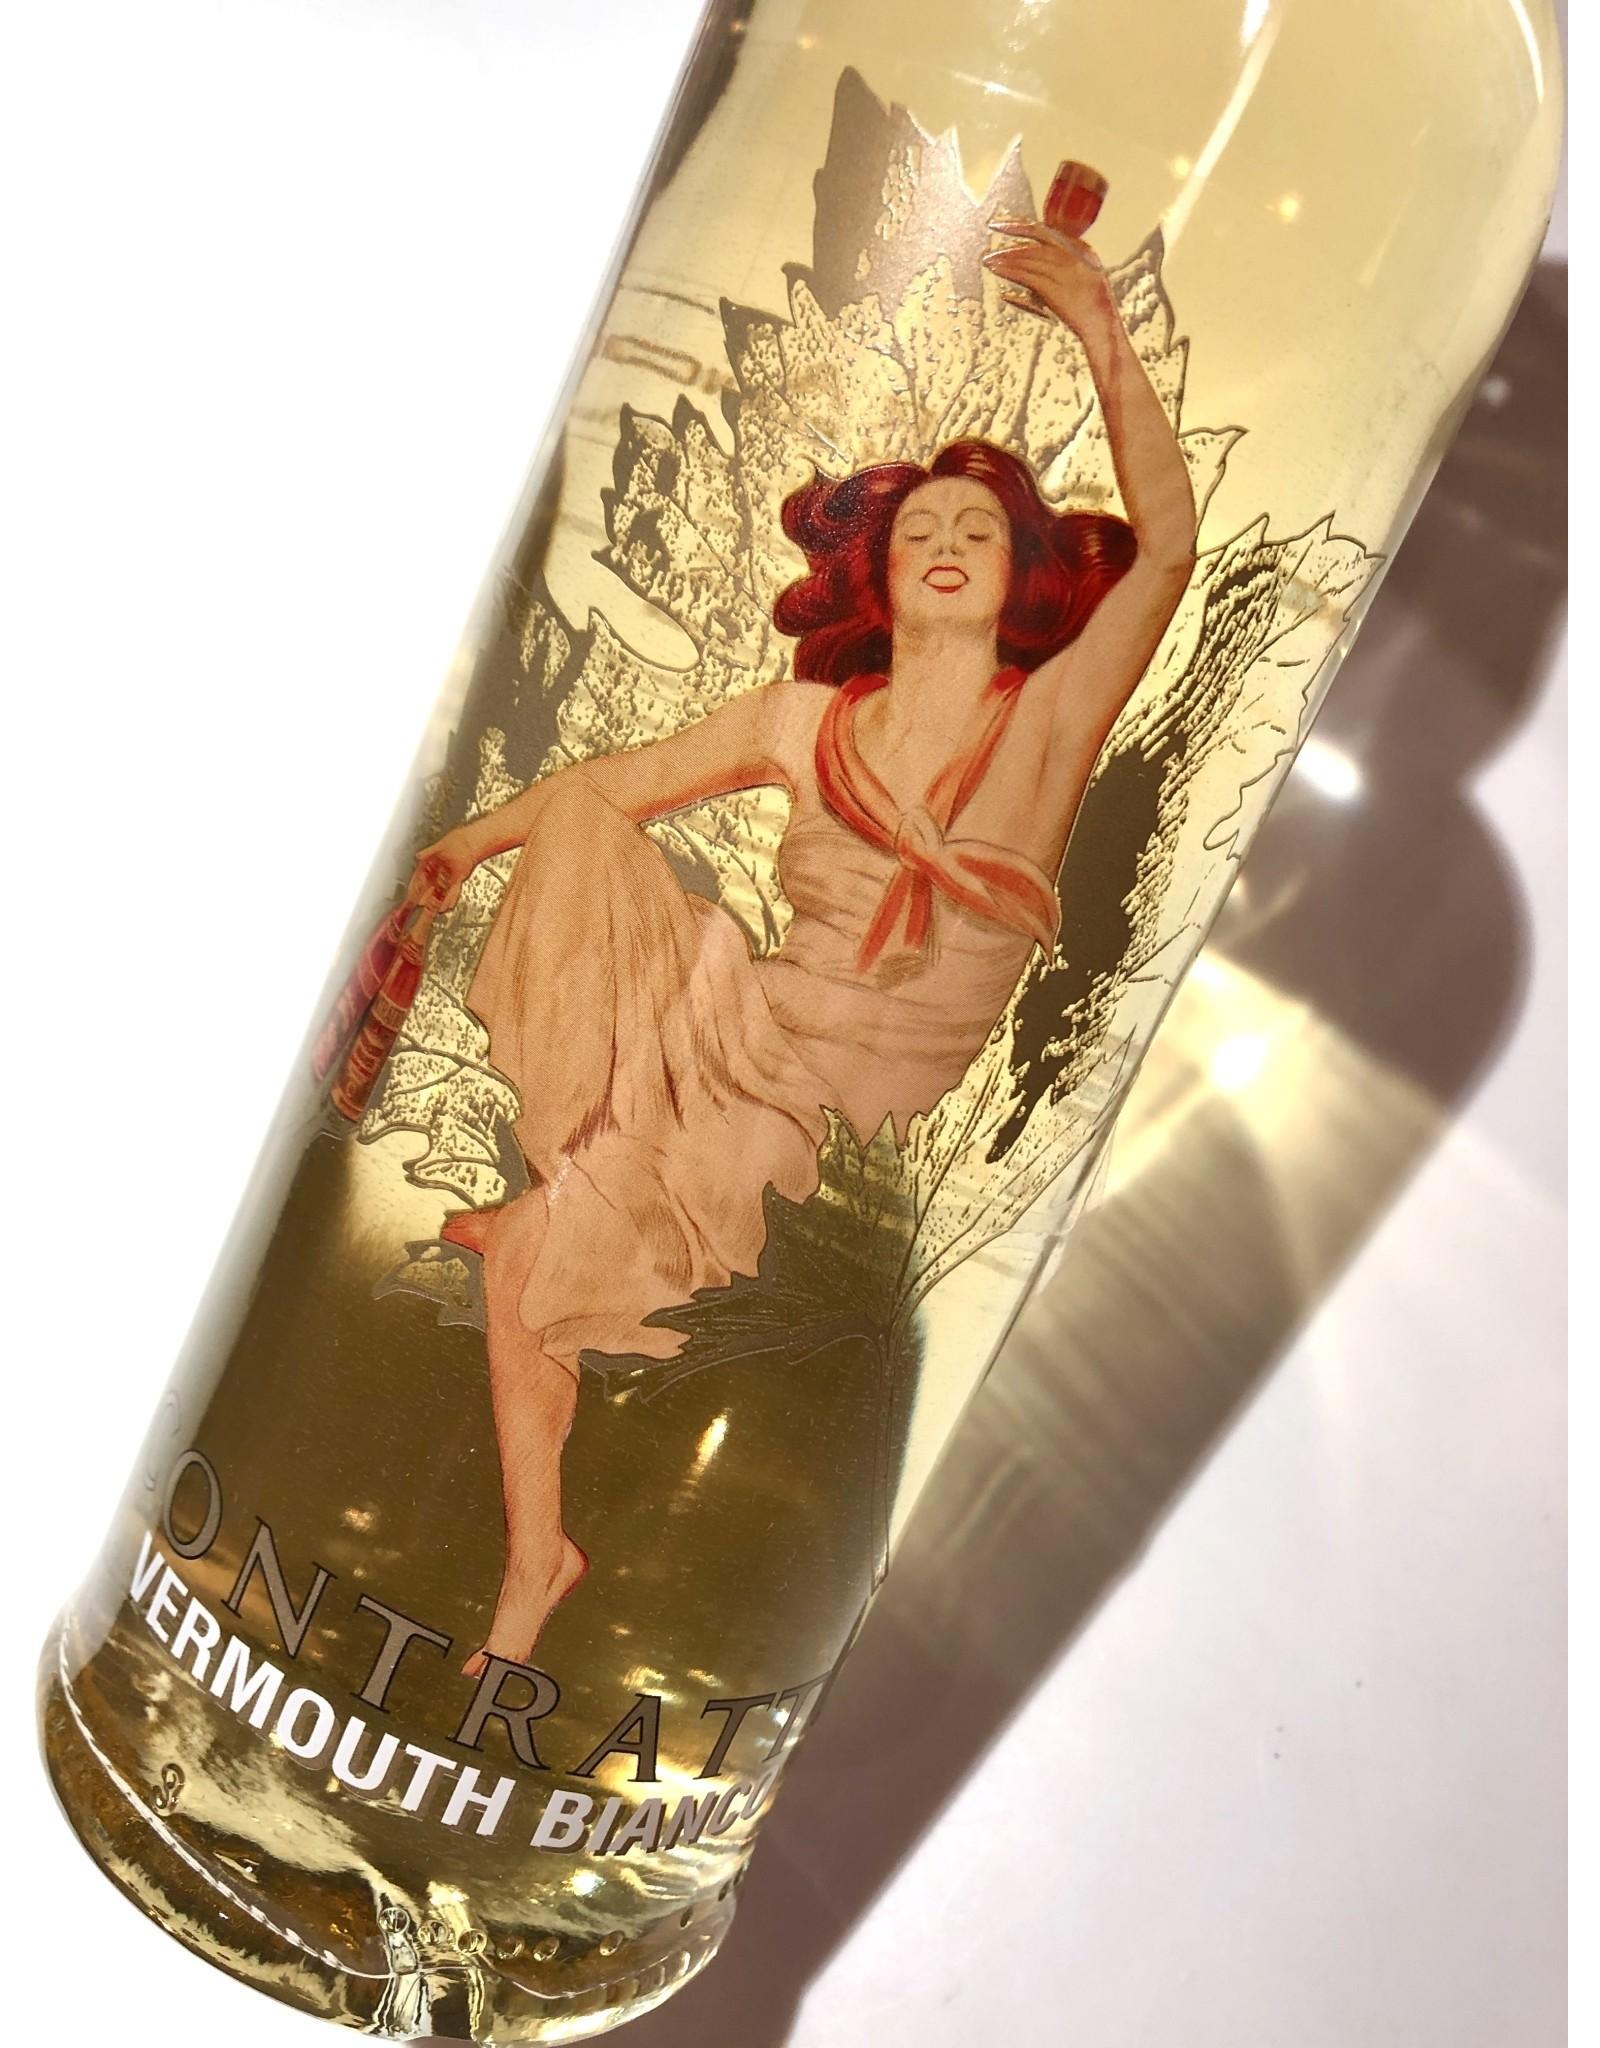 Contratto Vermouth Bianco - 750 ML